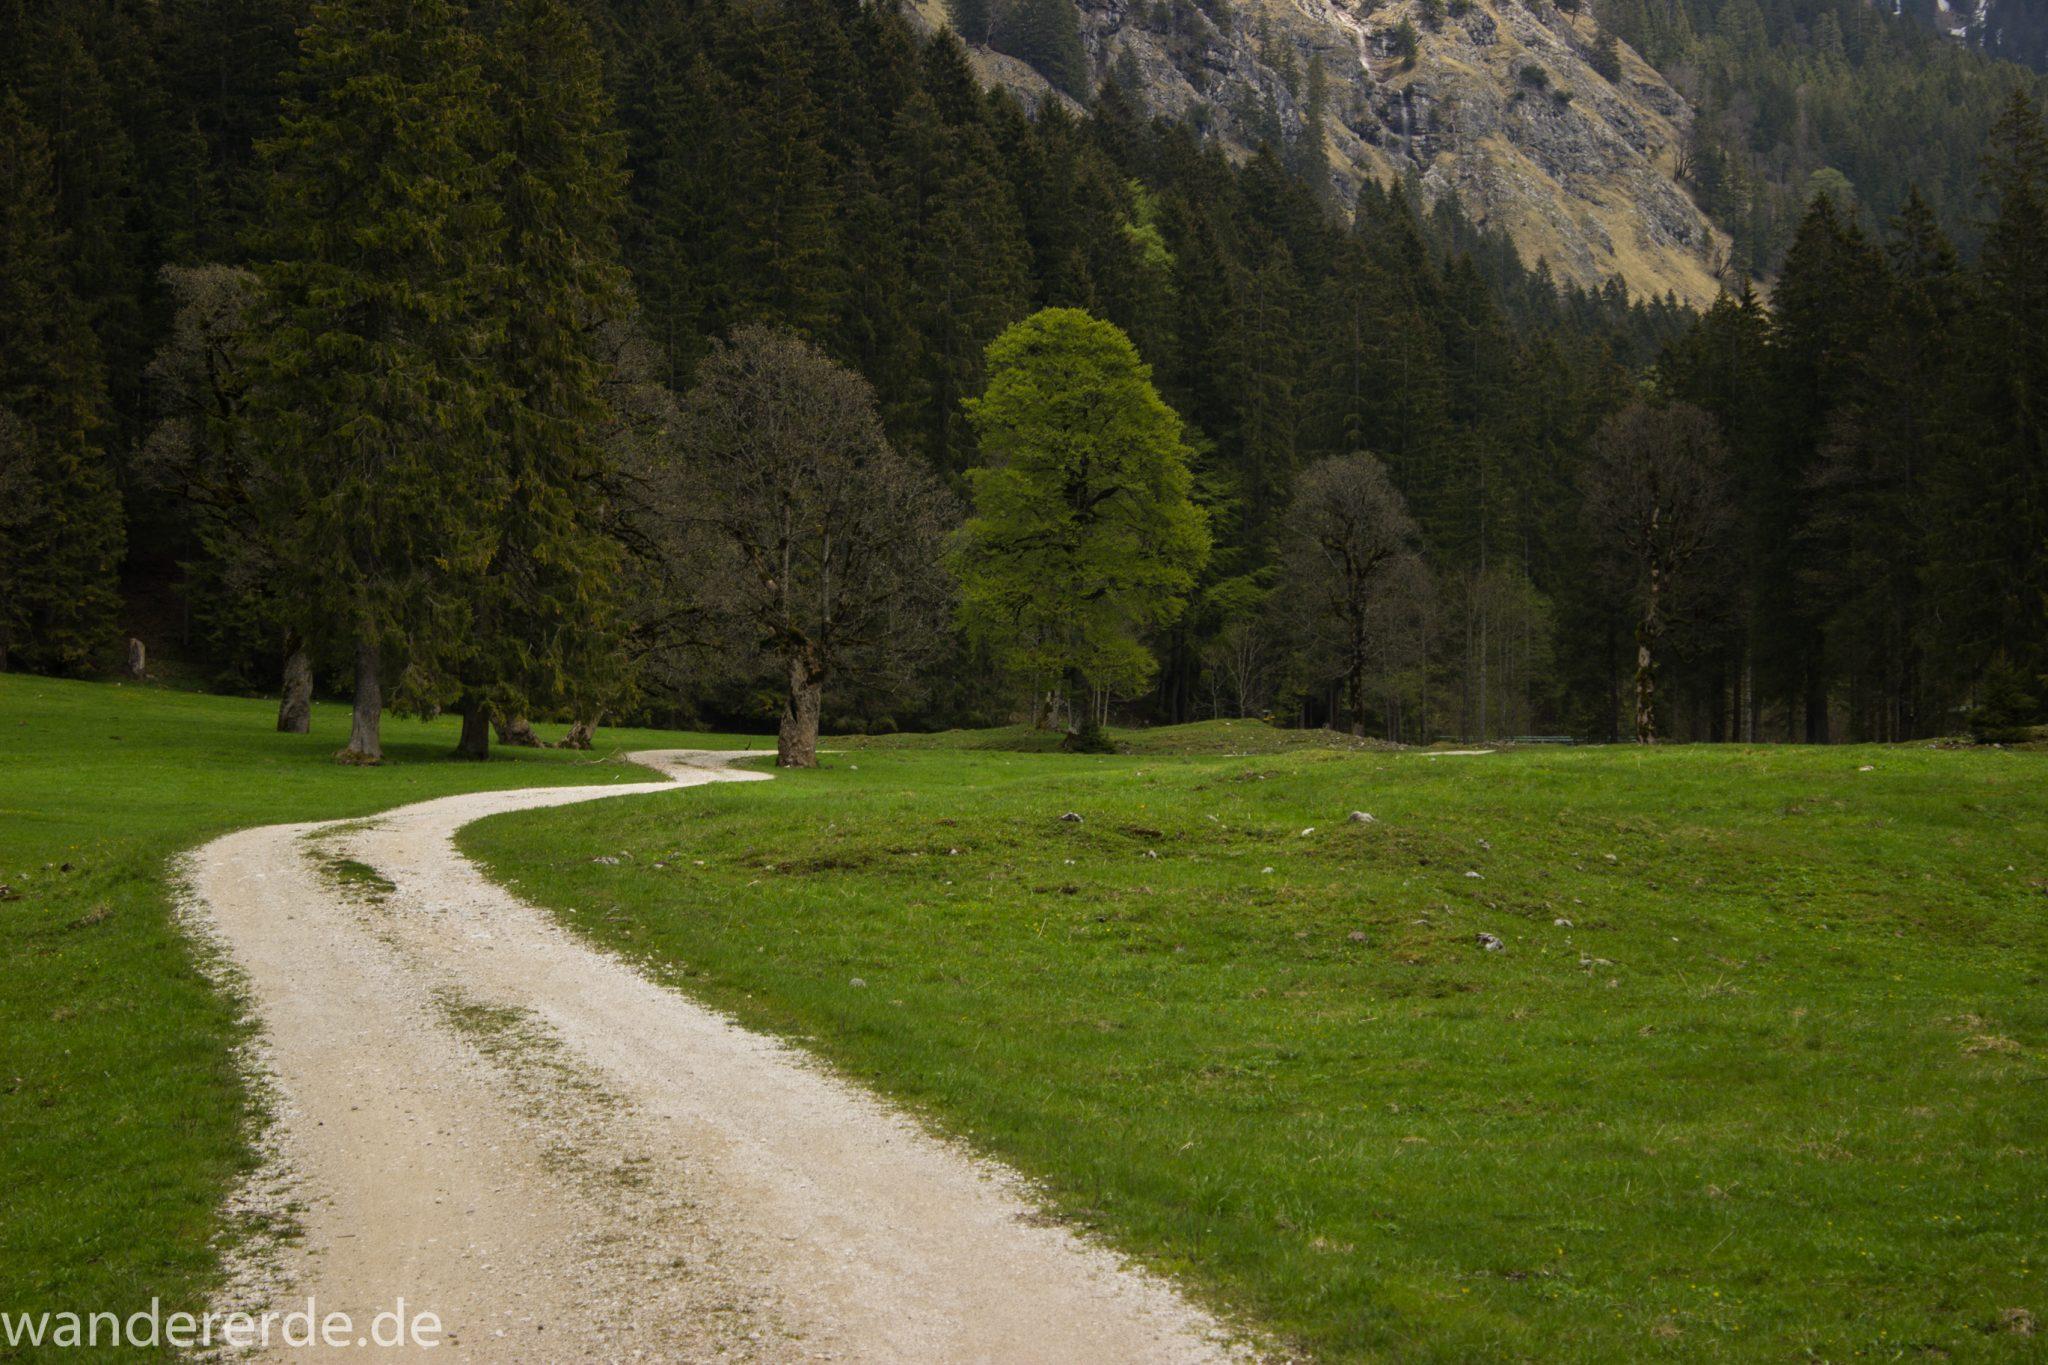 Wanderung zur Kenzenhütte in den Ammergauer Alpen, breiterer Kieselweg führt Richtung Berge, Frühjahr in den Ammergauer Alpen in Bayern, dichter grüner Wald und saftige Wiesen